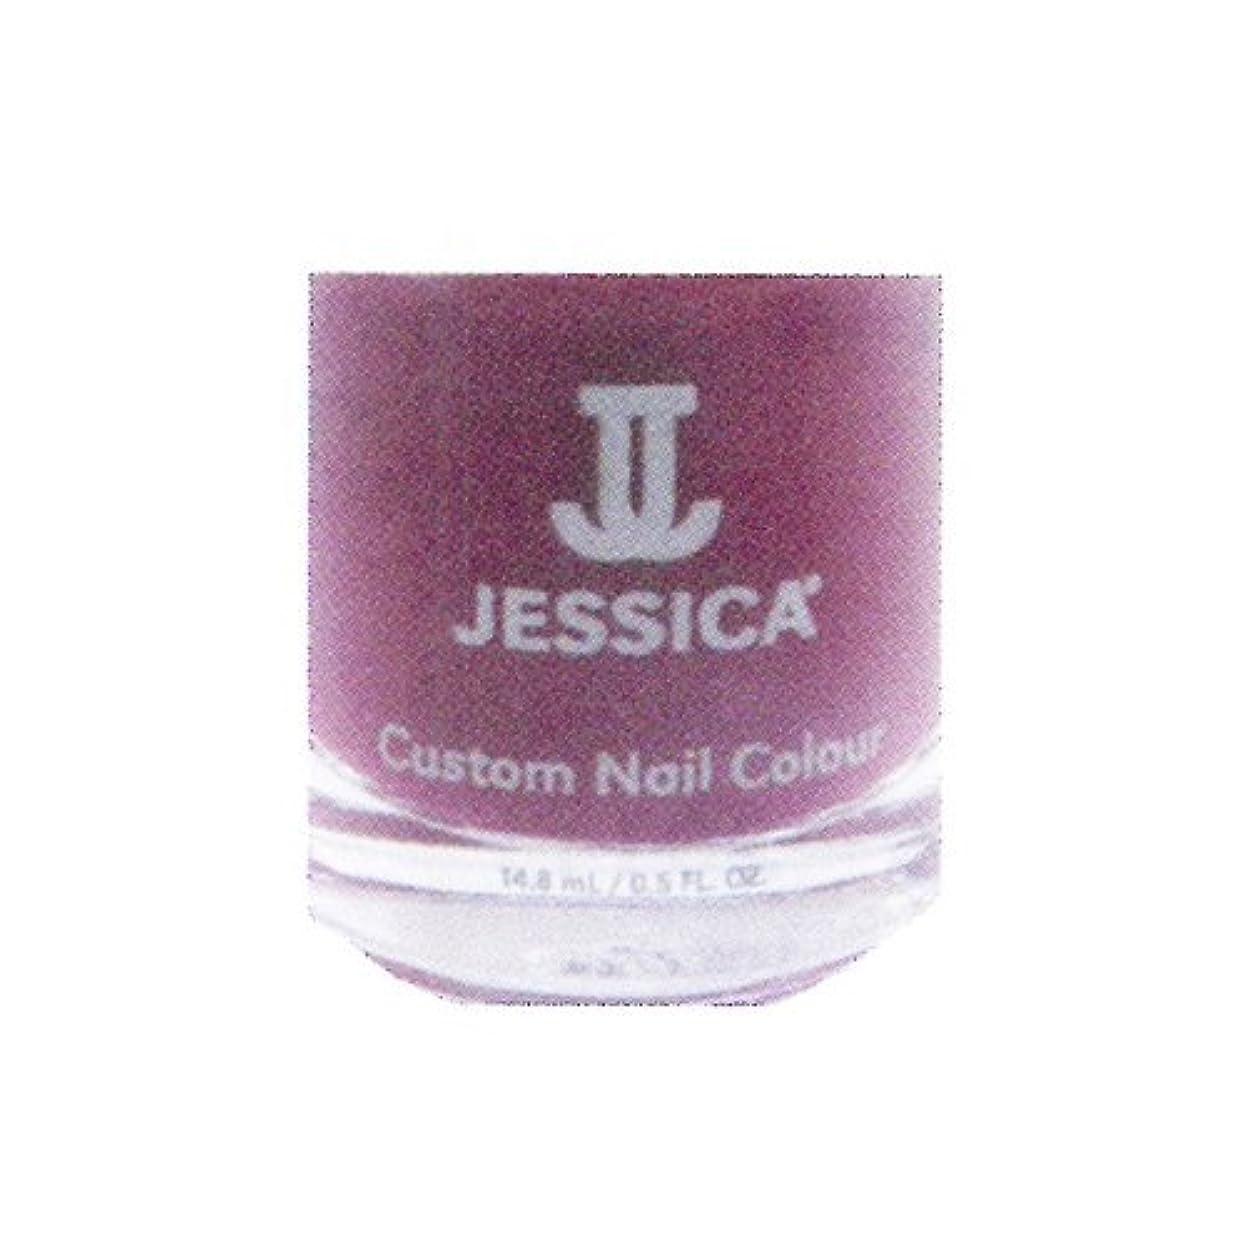 JESSICA カスタムネイルカラー 641M